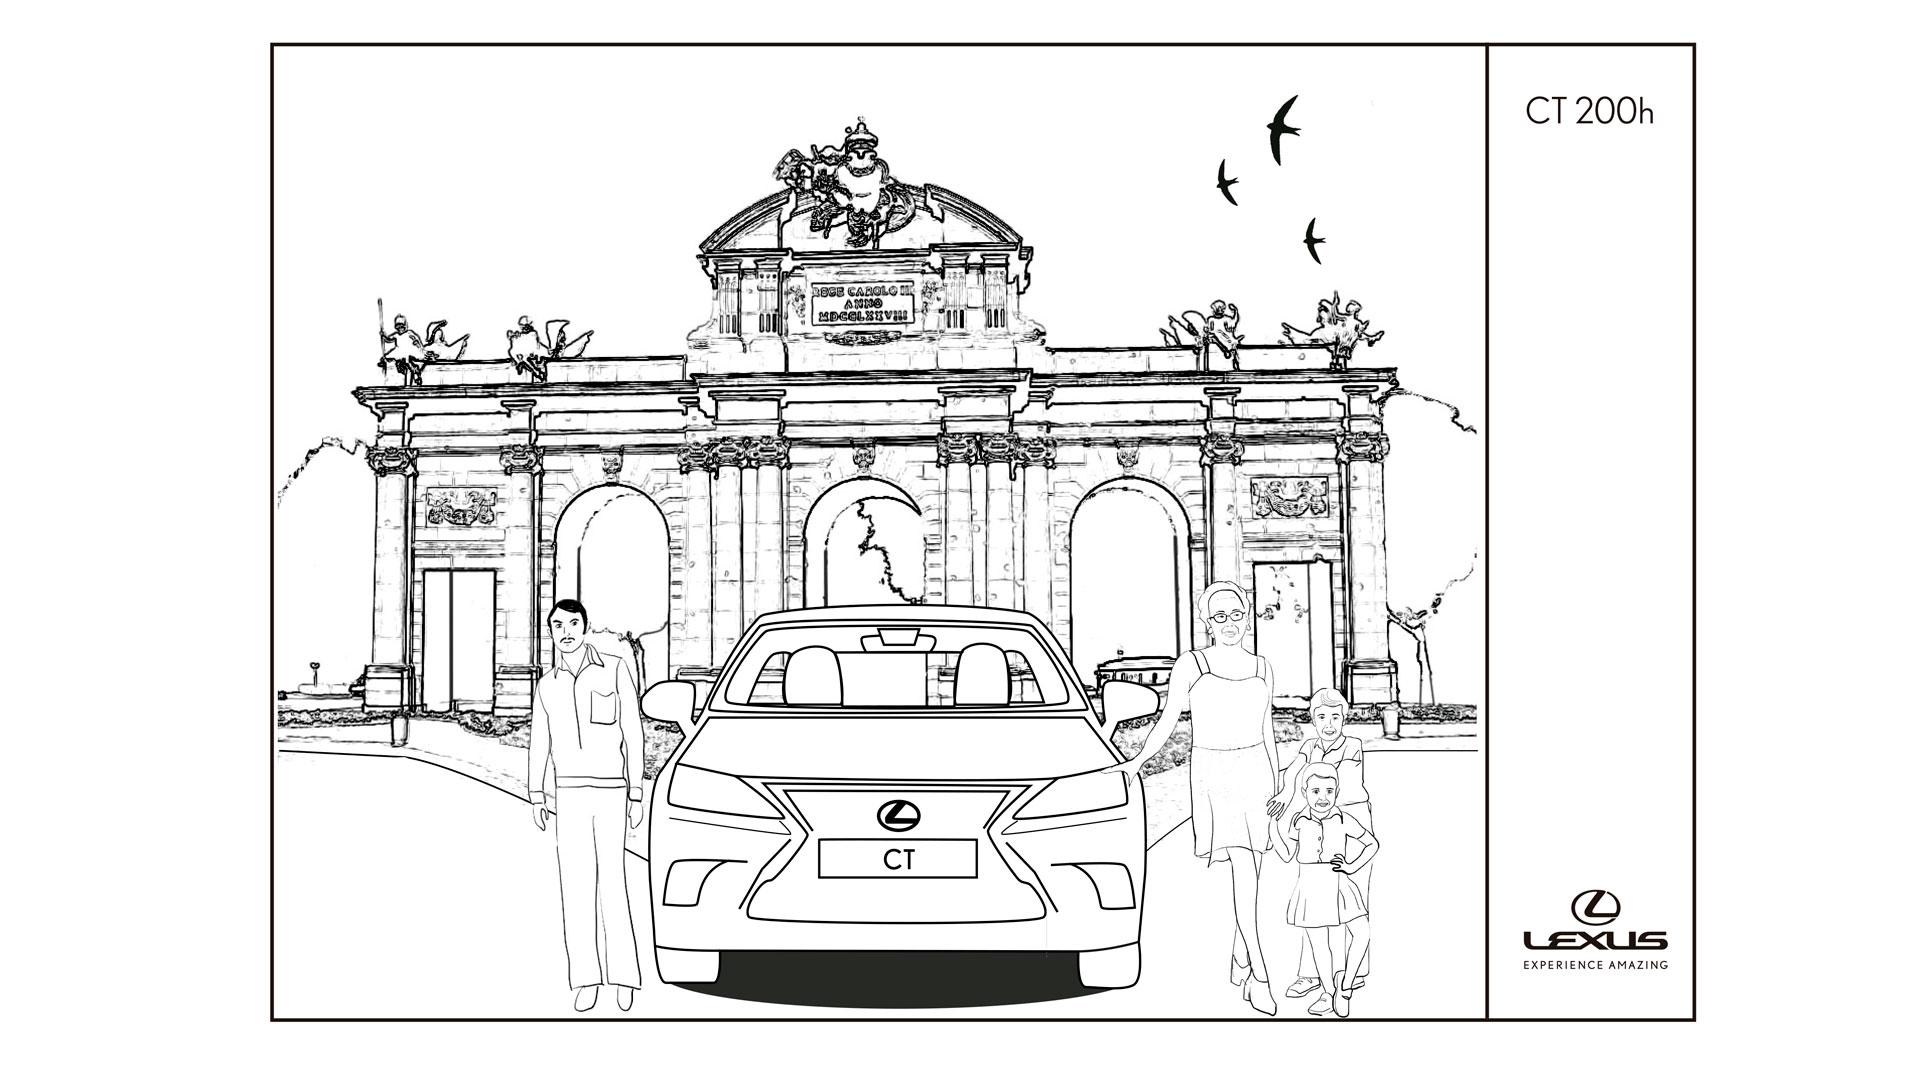 Imagen de un vehículo Lexus híbrido